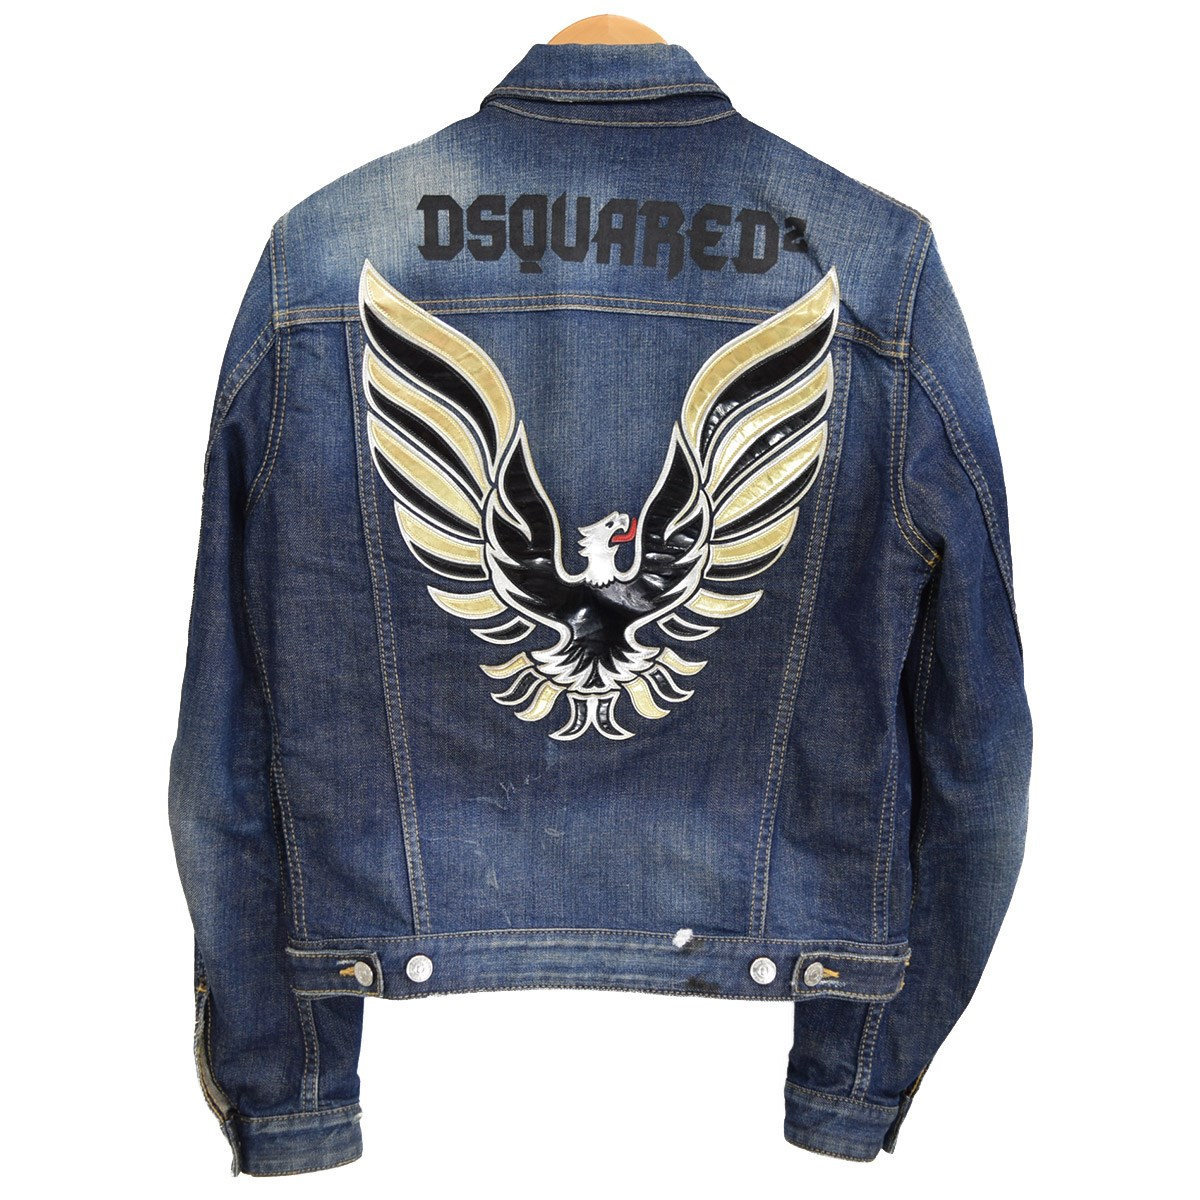 【中古】DSQUARED2 Jean eagle jacket バックイーグル加工デニムジャケット 15AW S71AM0664 インディゴ サイズ:46 【010320】(ディースクエアード)